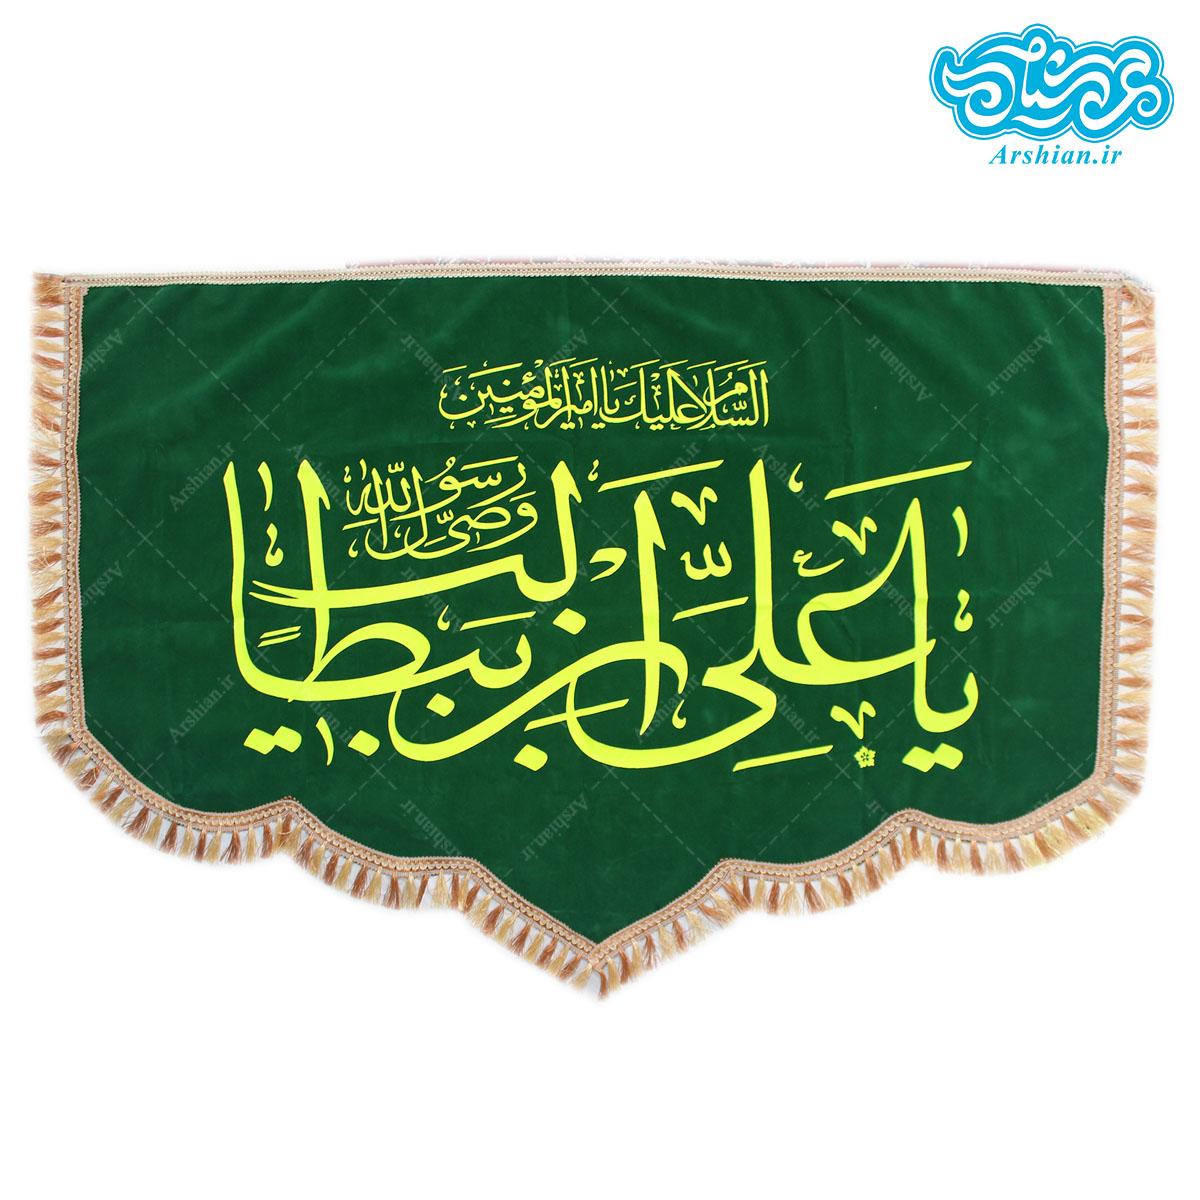 پرچم مخمل یا علی بن ابیطالب طرح هلال